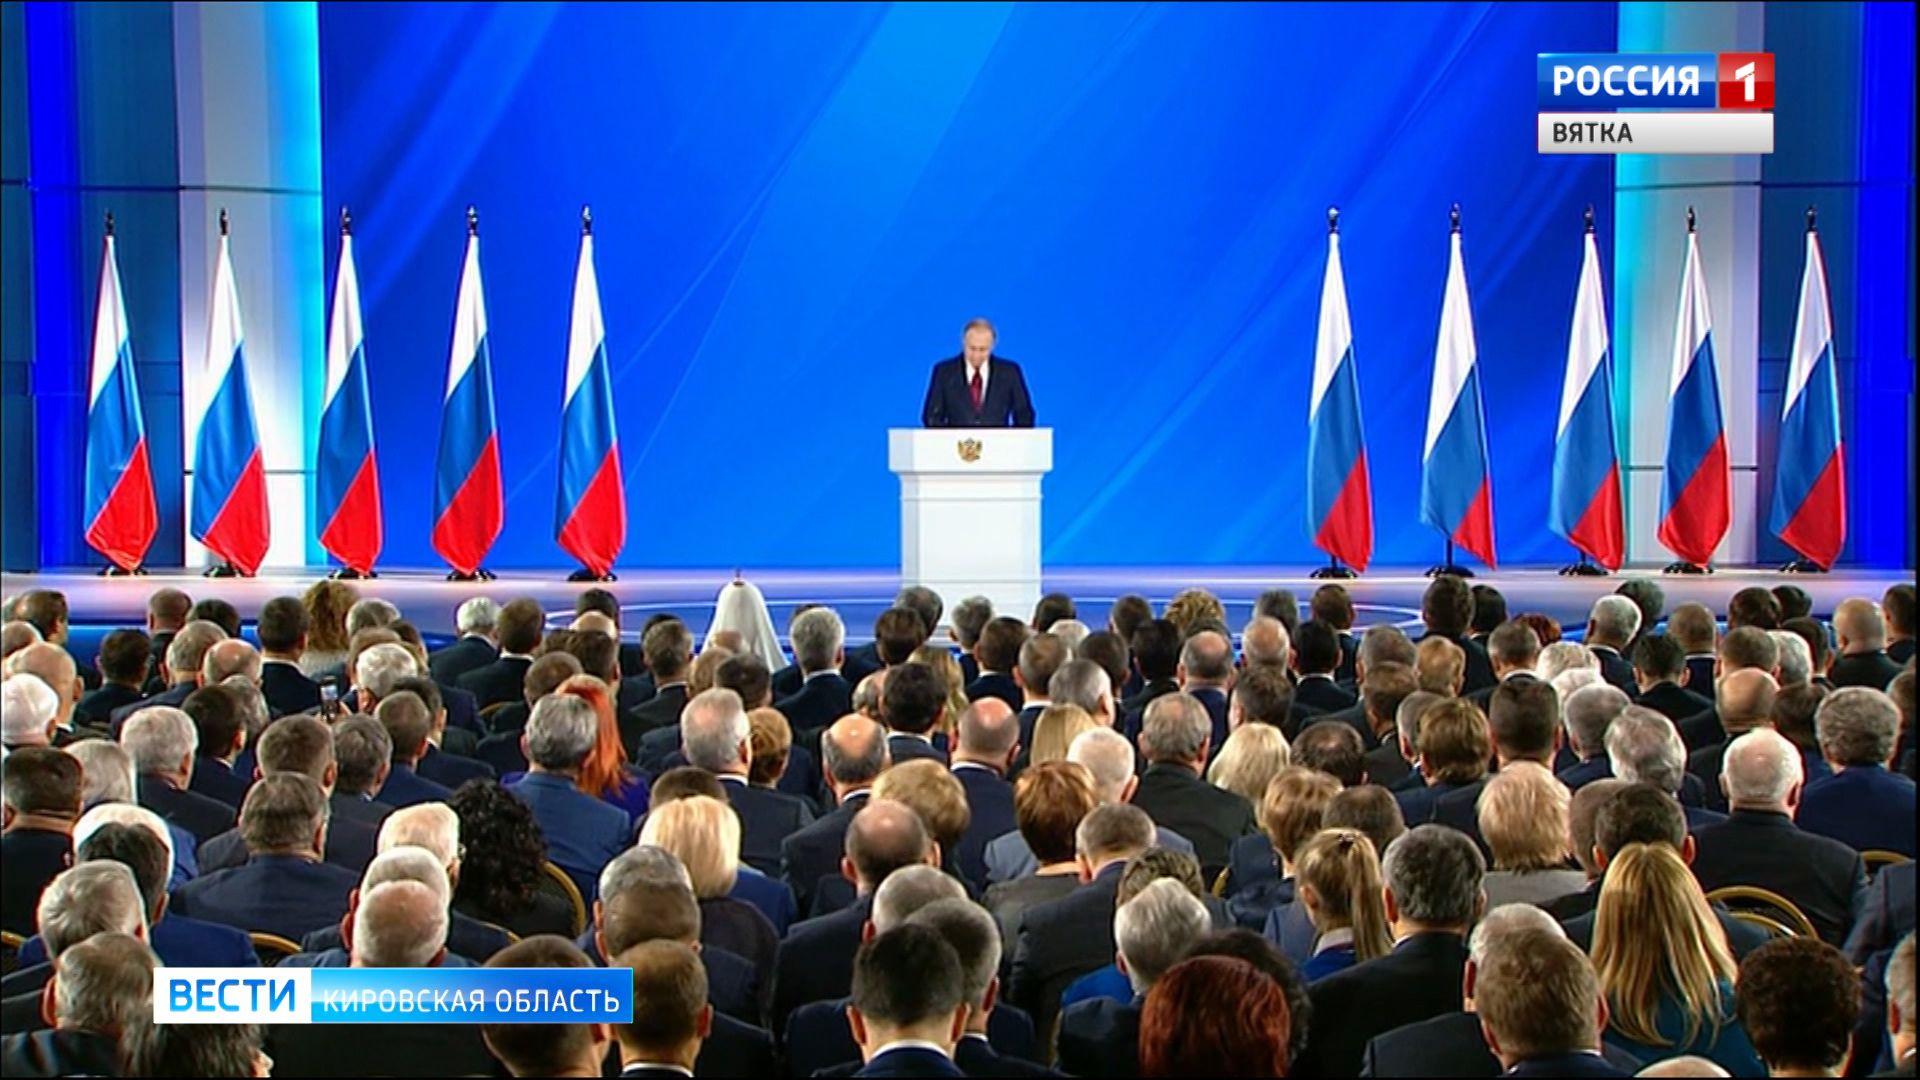 Владимир Путин обозначил ключевые темы послания Федеральному Собранию